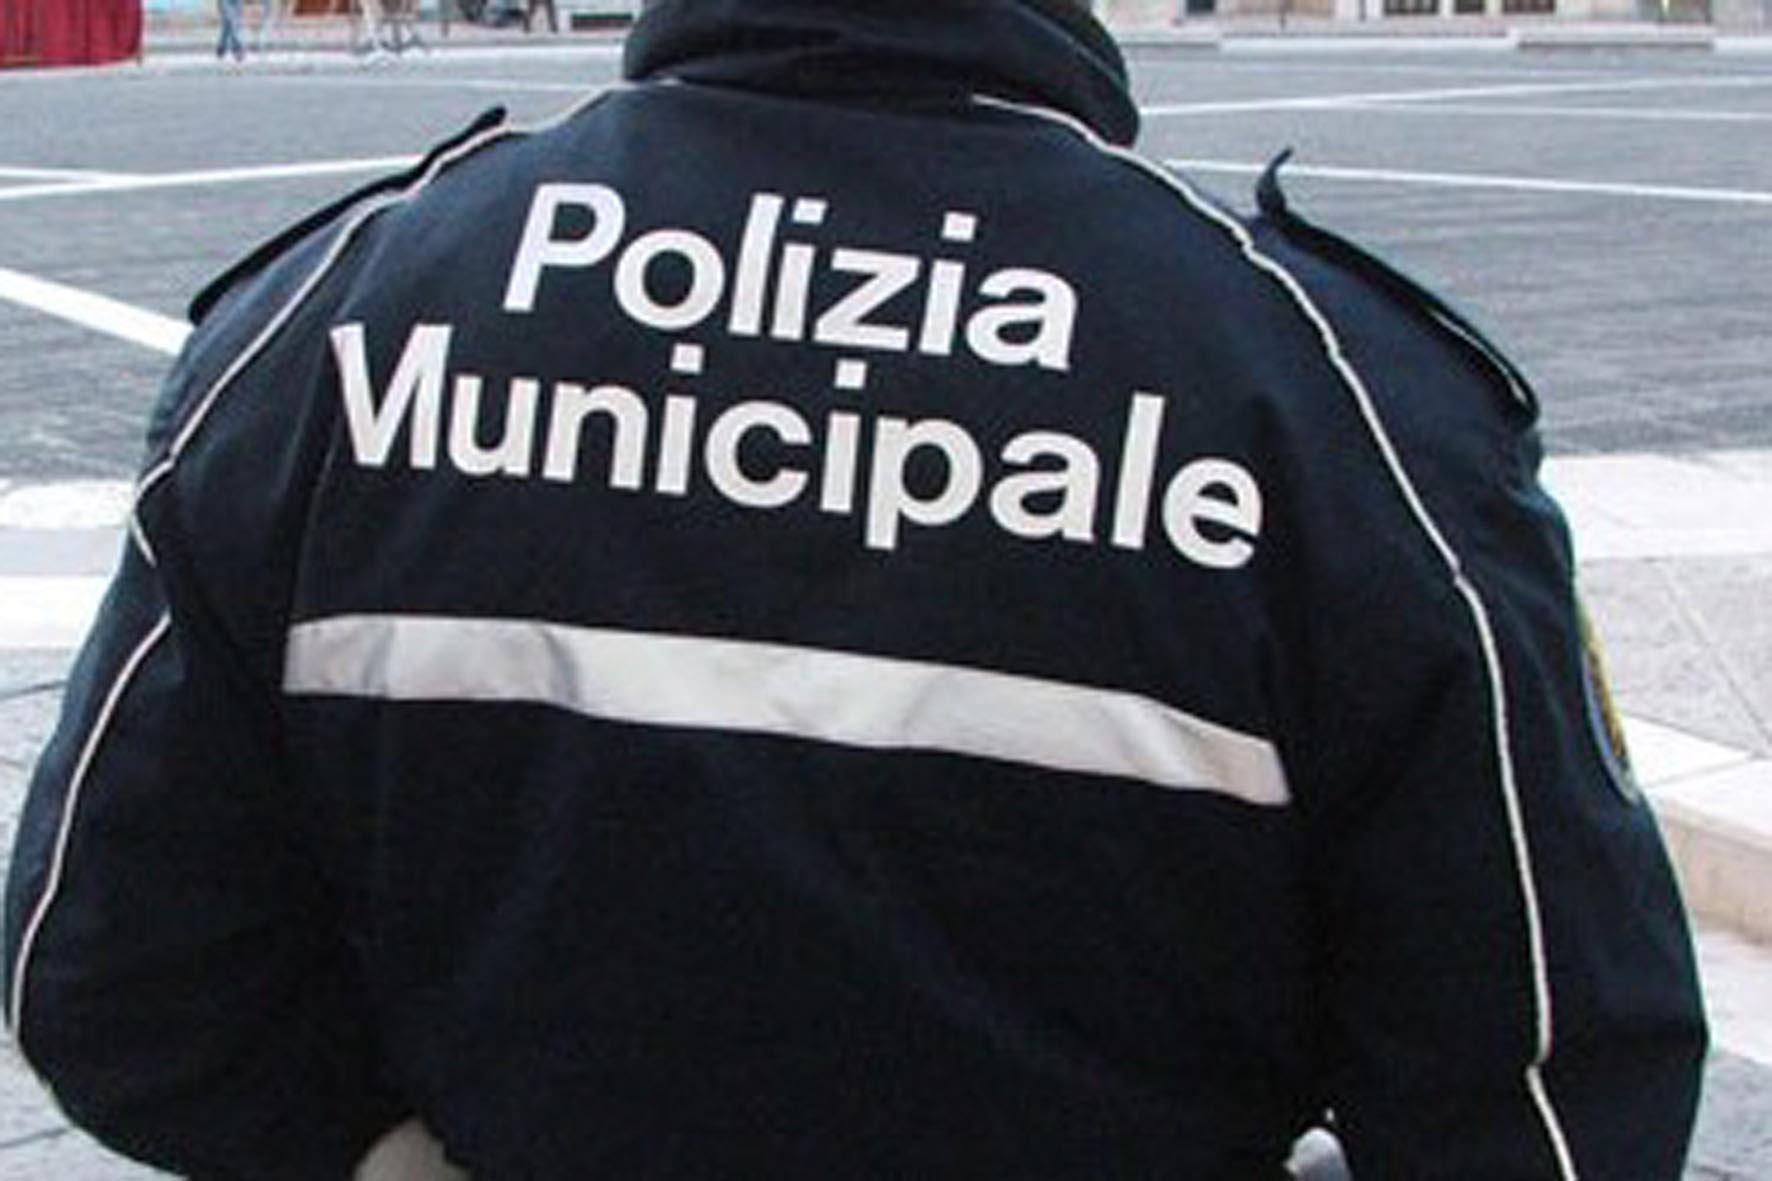 Ragusa, vigilessa trovata cadavere: si sarebbe tolta la vita con la sua pistola